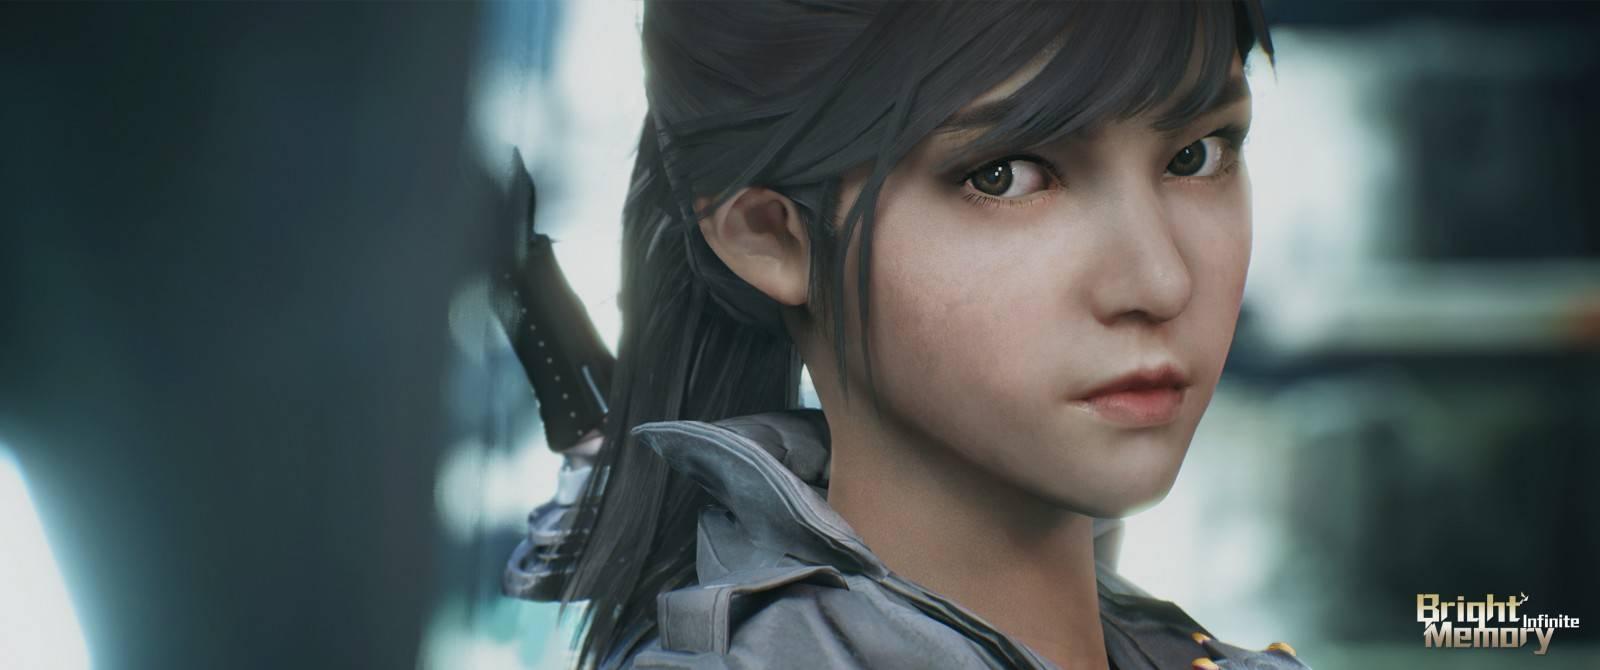 Bright Memory Infinite estrena tráiler de cara a su lanzamiento este 2021 en Xbox Series X|S y PC 3